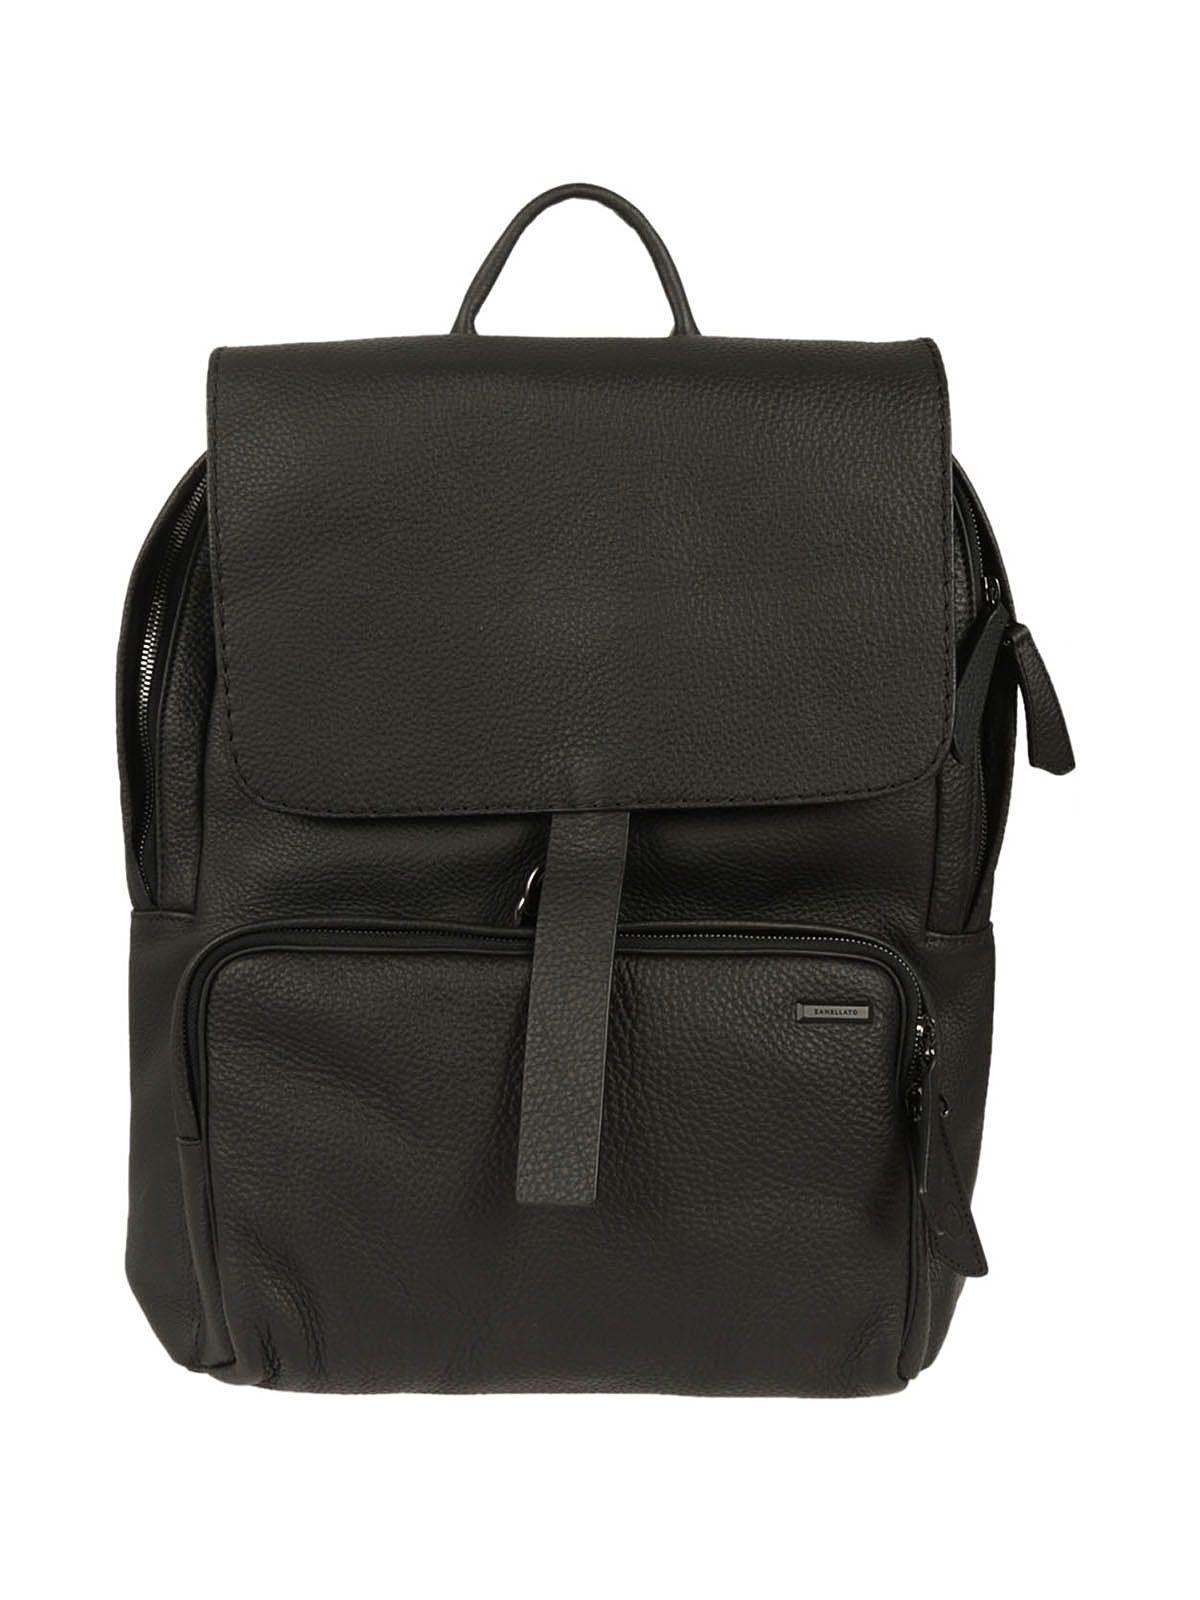 Zanellato Ildo Backpack